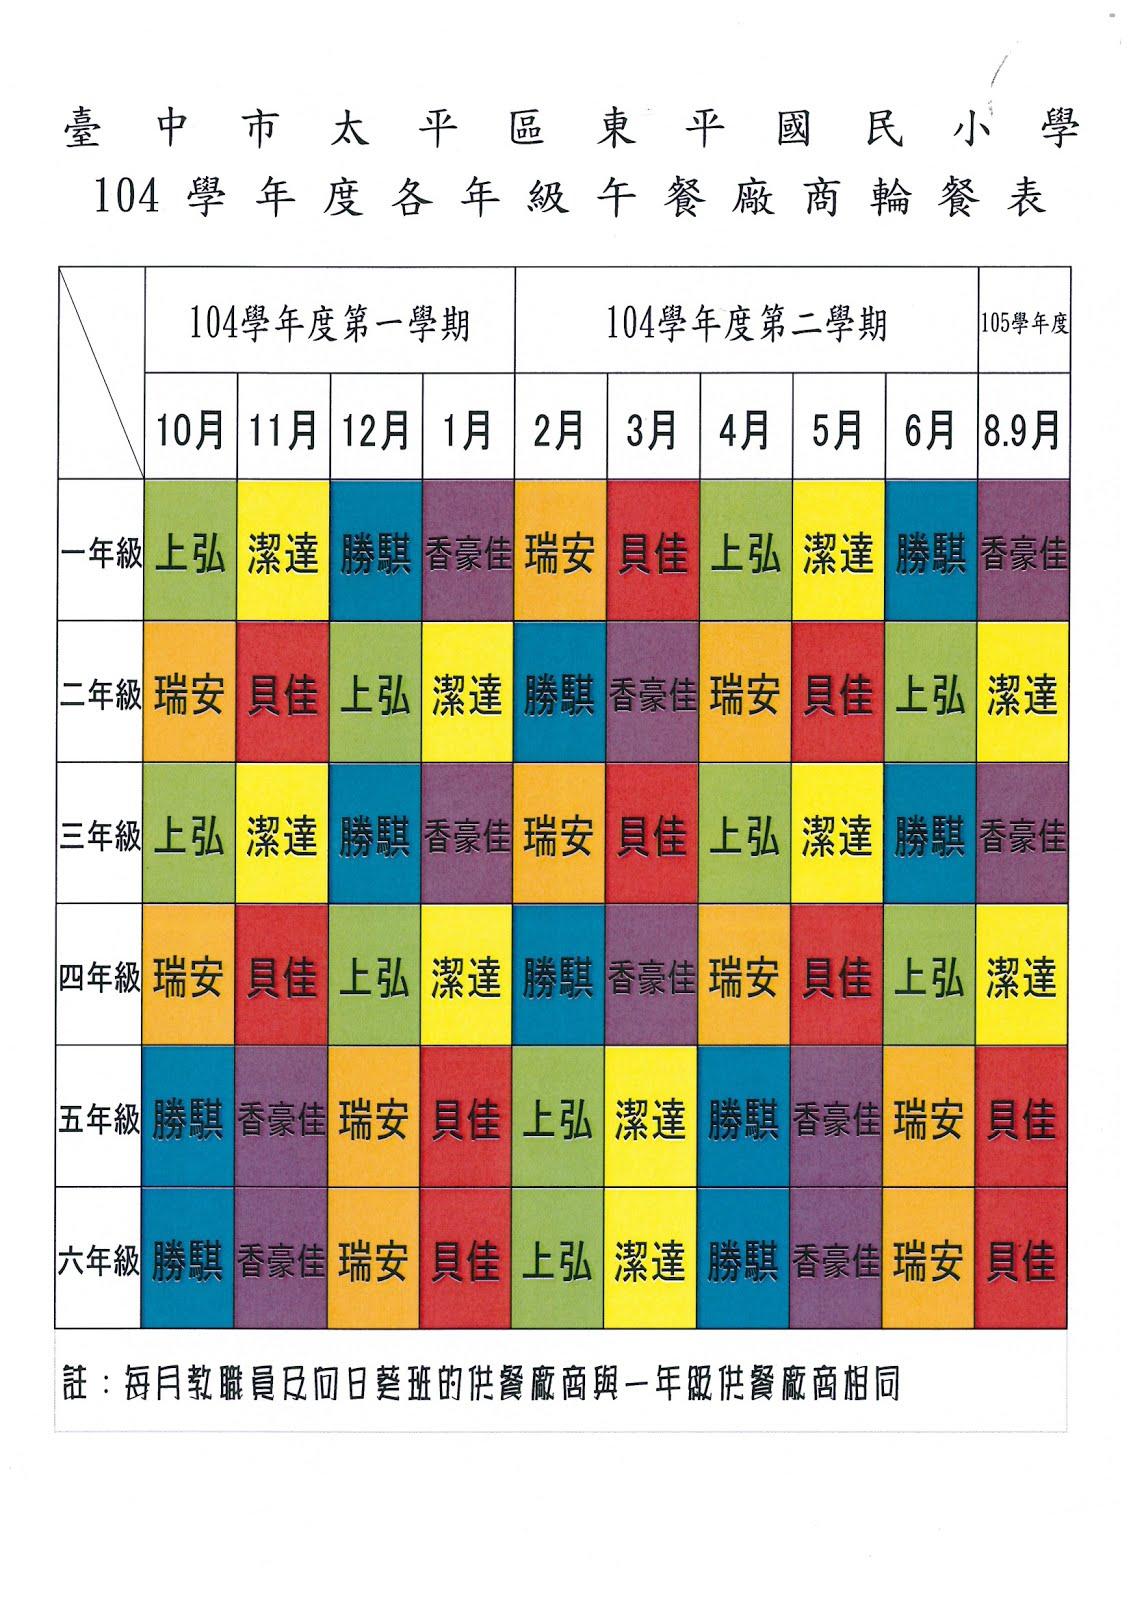 午餐供膳輪餐表   ( 本學年度共有6家廠商輪餐,分別為    上弘    /    瑞安    /    勝騏    /    潔達    /    貝佳    /    香豪佳   。)